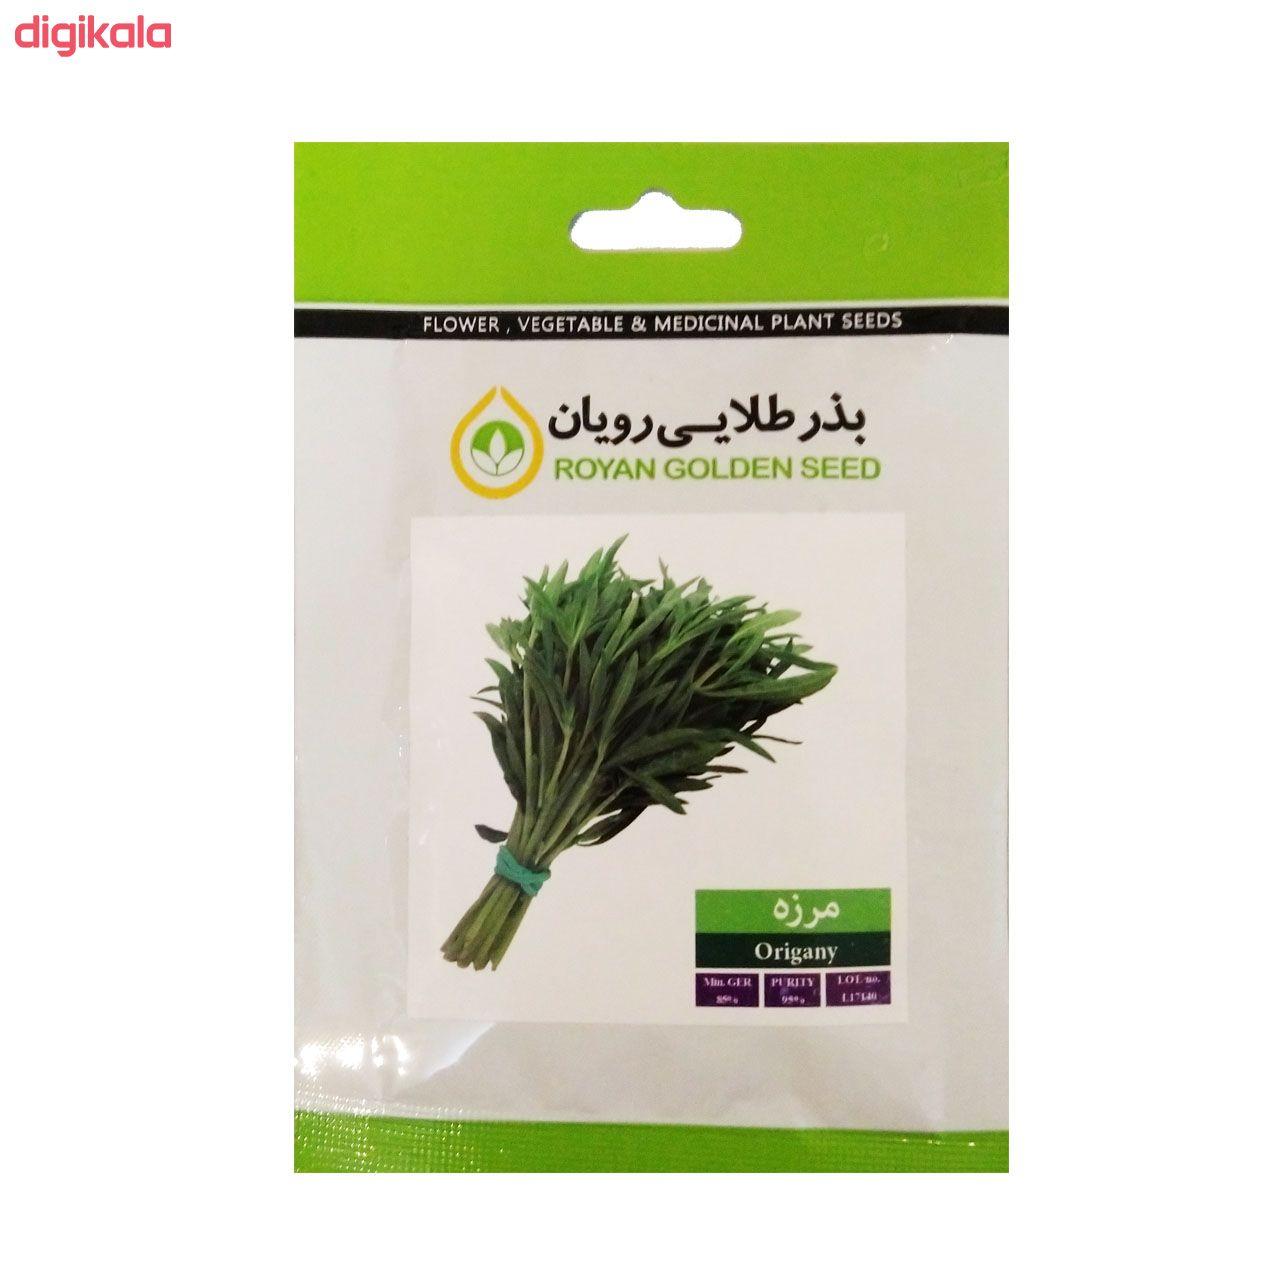 بذر سبزی خوراکی بذر طلایی رویان مدل V-P-BZTR-006 مجموعه 8 عددی main 1 3